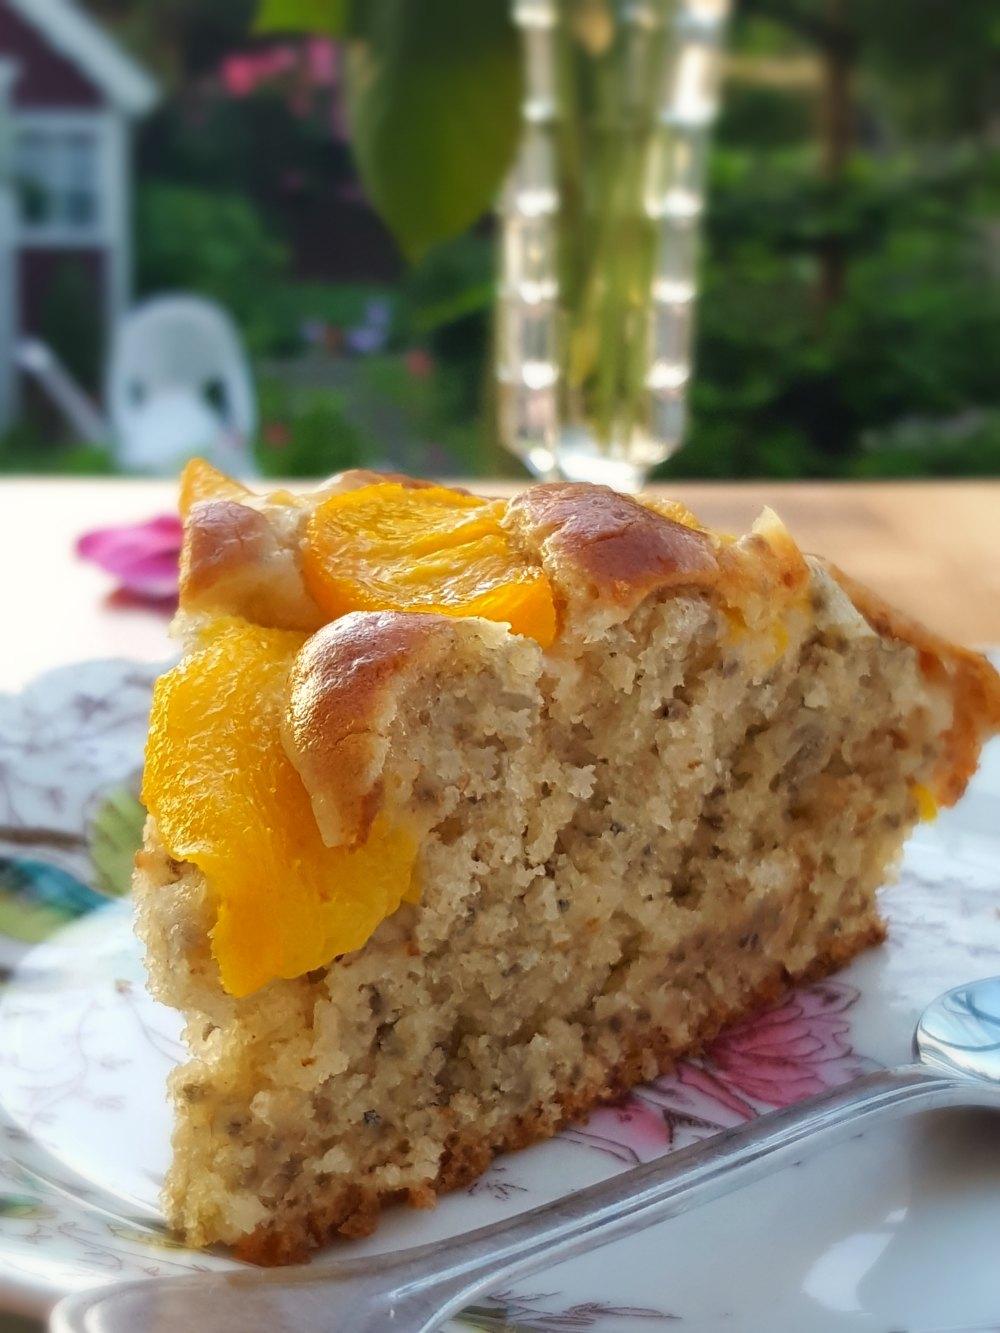 Gâteau végane aux fruits - 1.2.3. Veggie, recettes ...